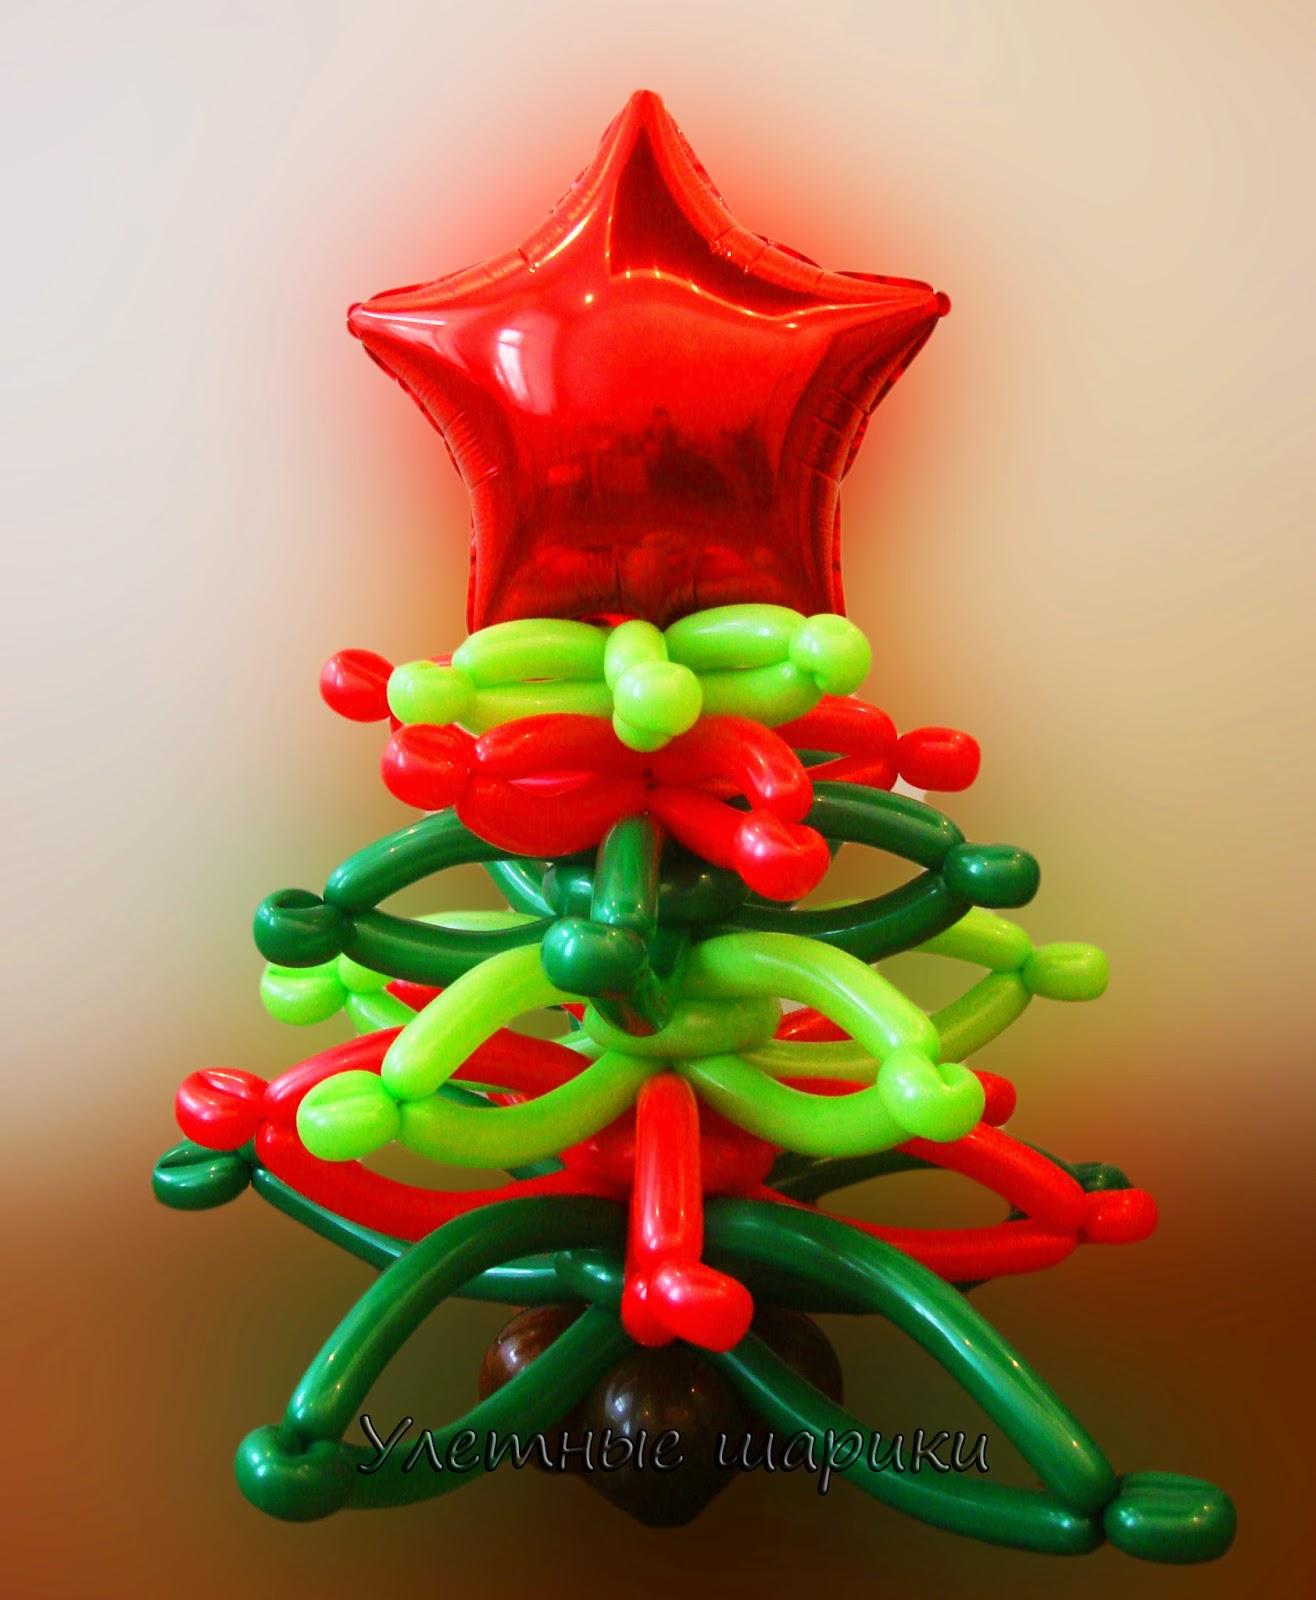 Елочка на новый год из воздушных шариков со звездой.